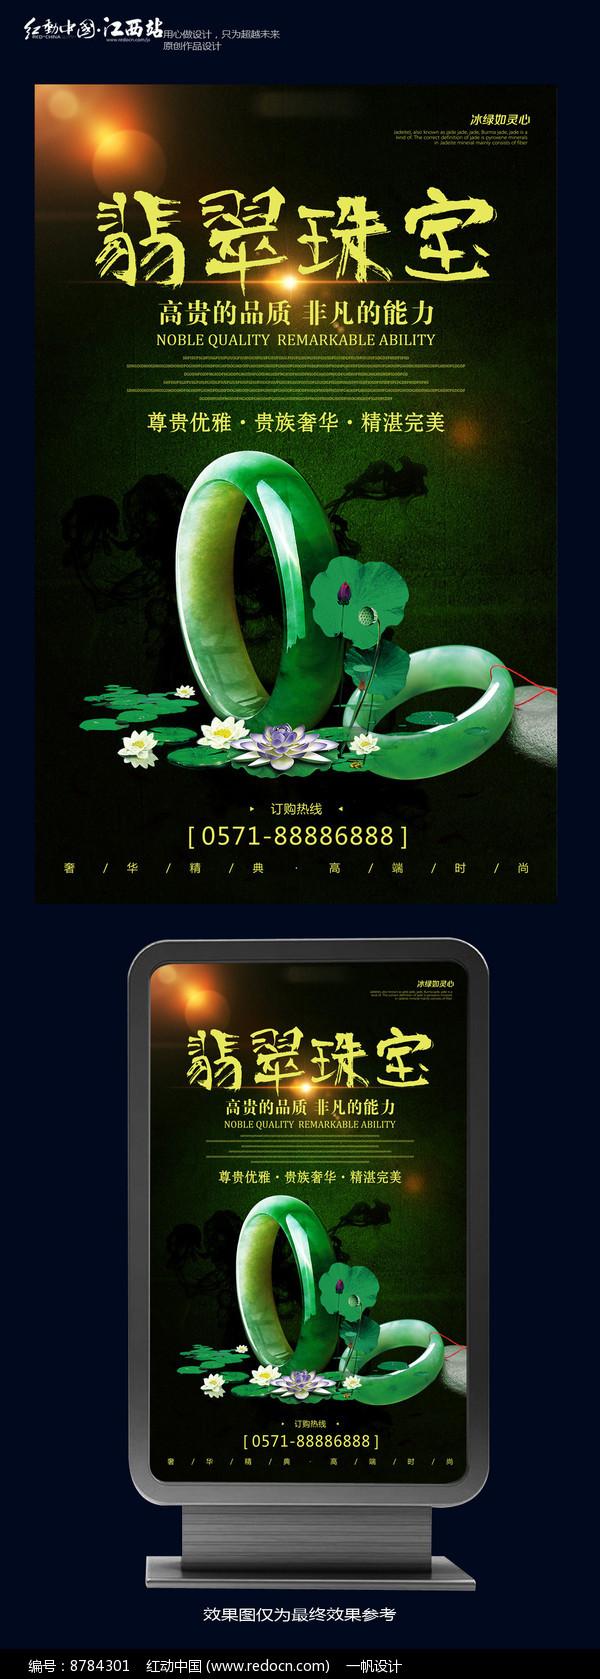 大气翡翠珠宝海报宣传设计图片